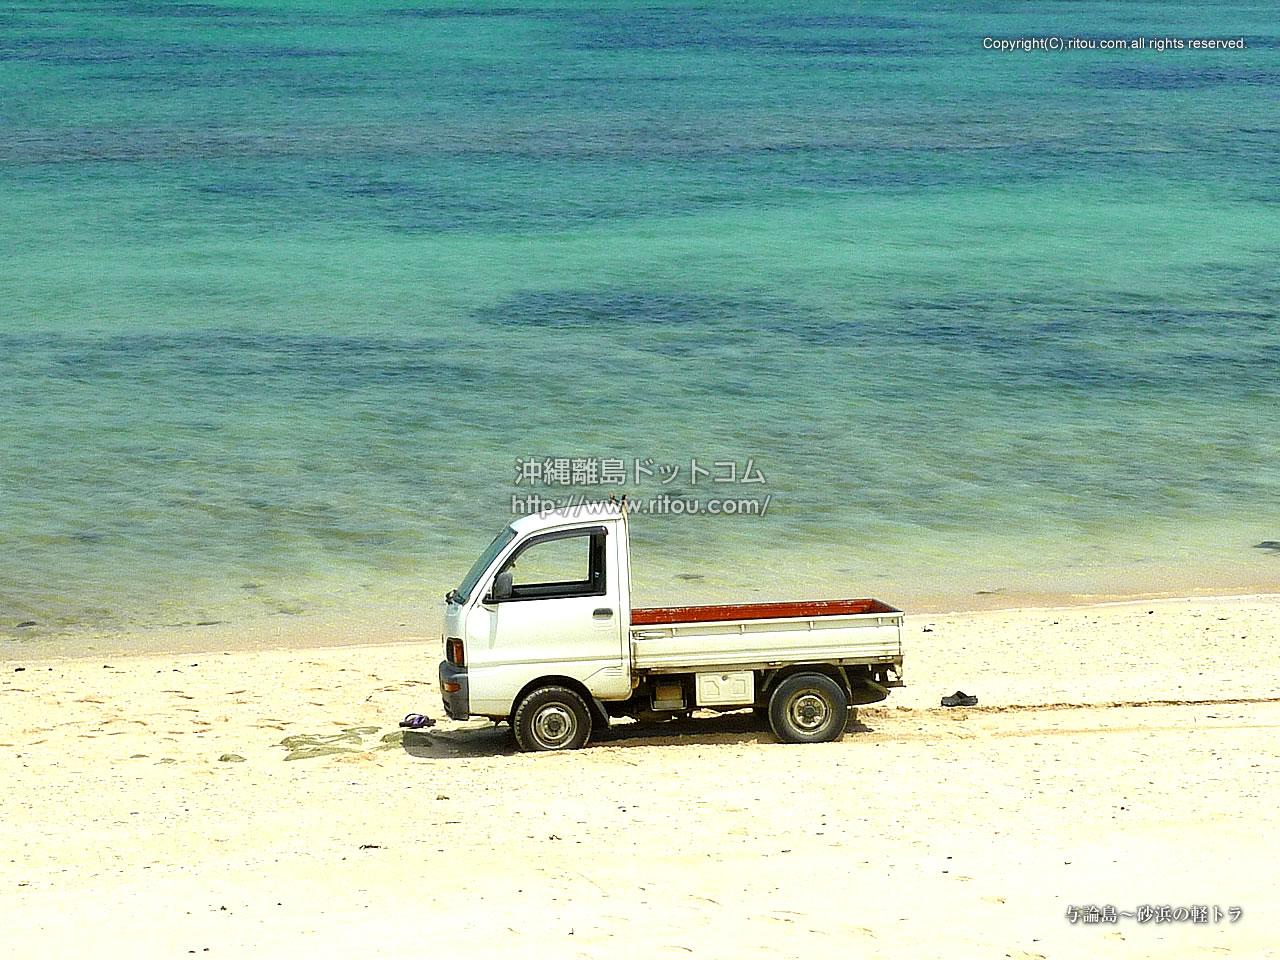 与論島〜砂浜の軽トラ